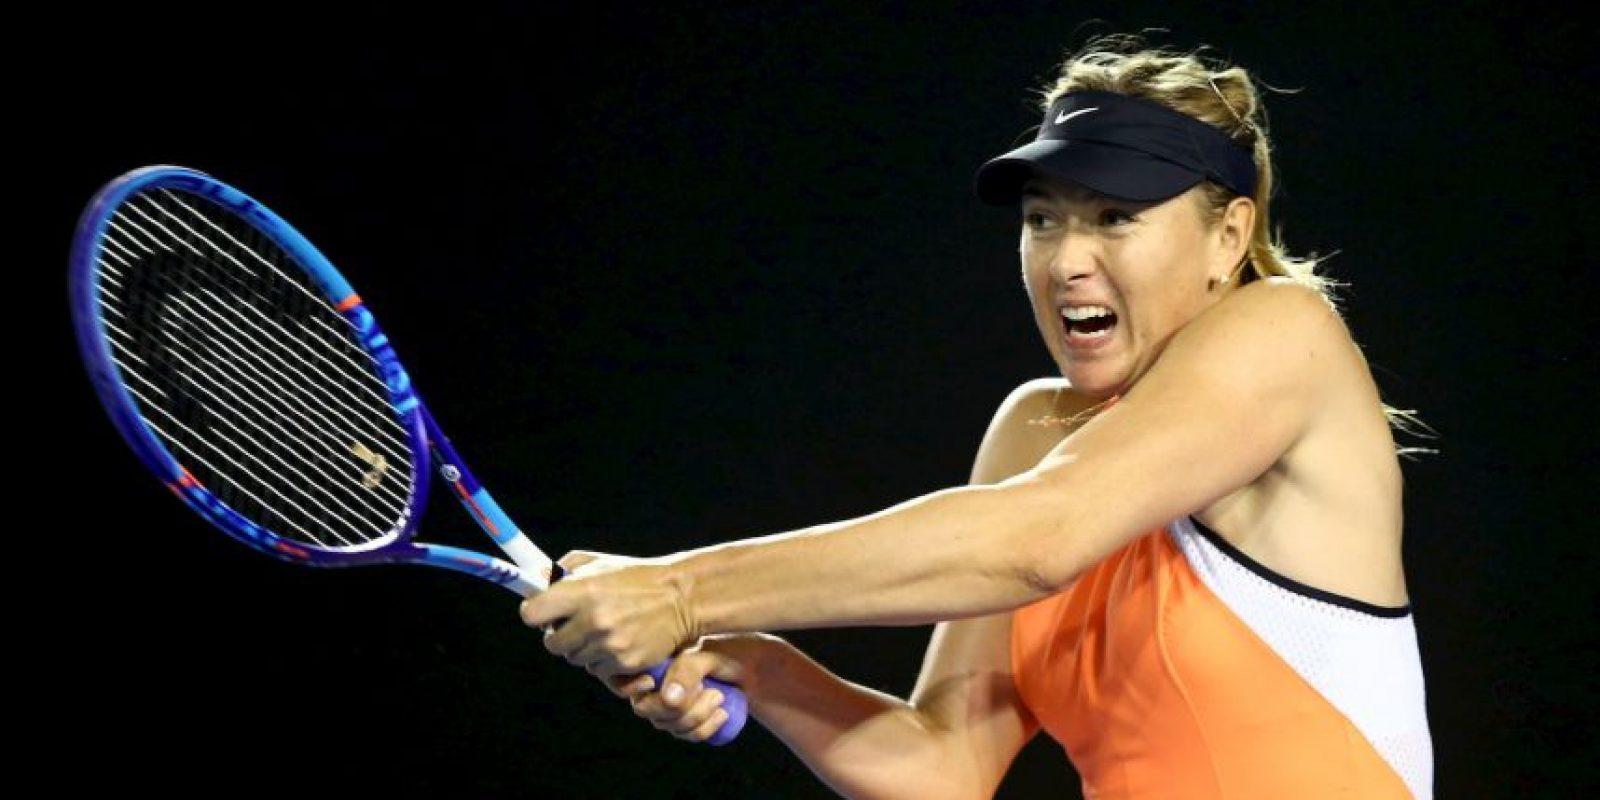 Deslumbra con su belleza en cualquier torneo en el que se presente Foto:Getty Images